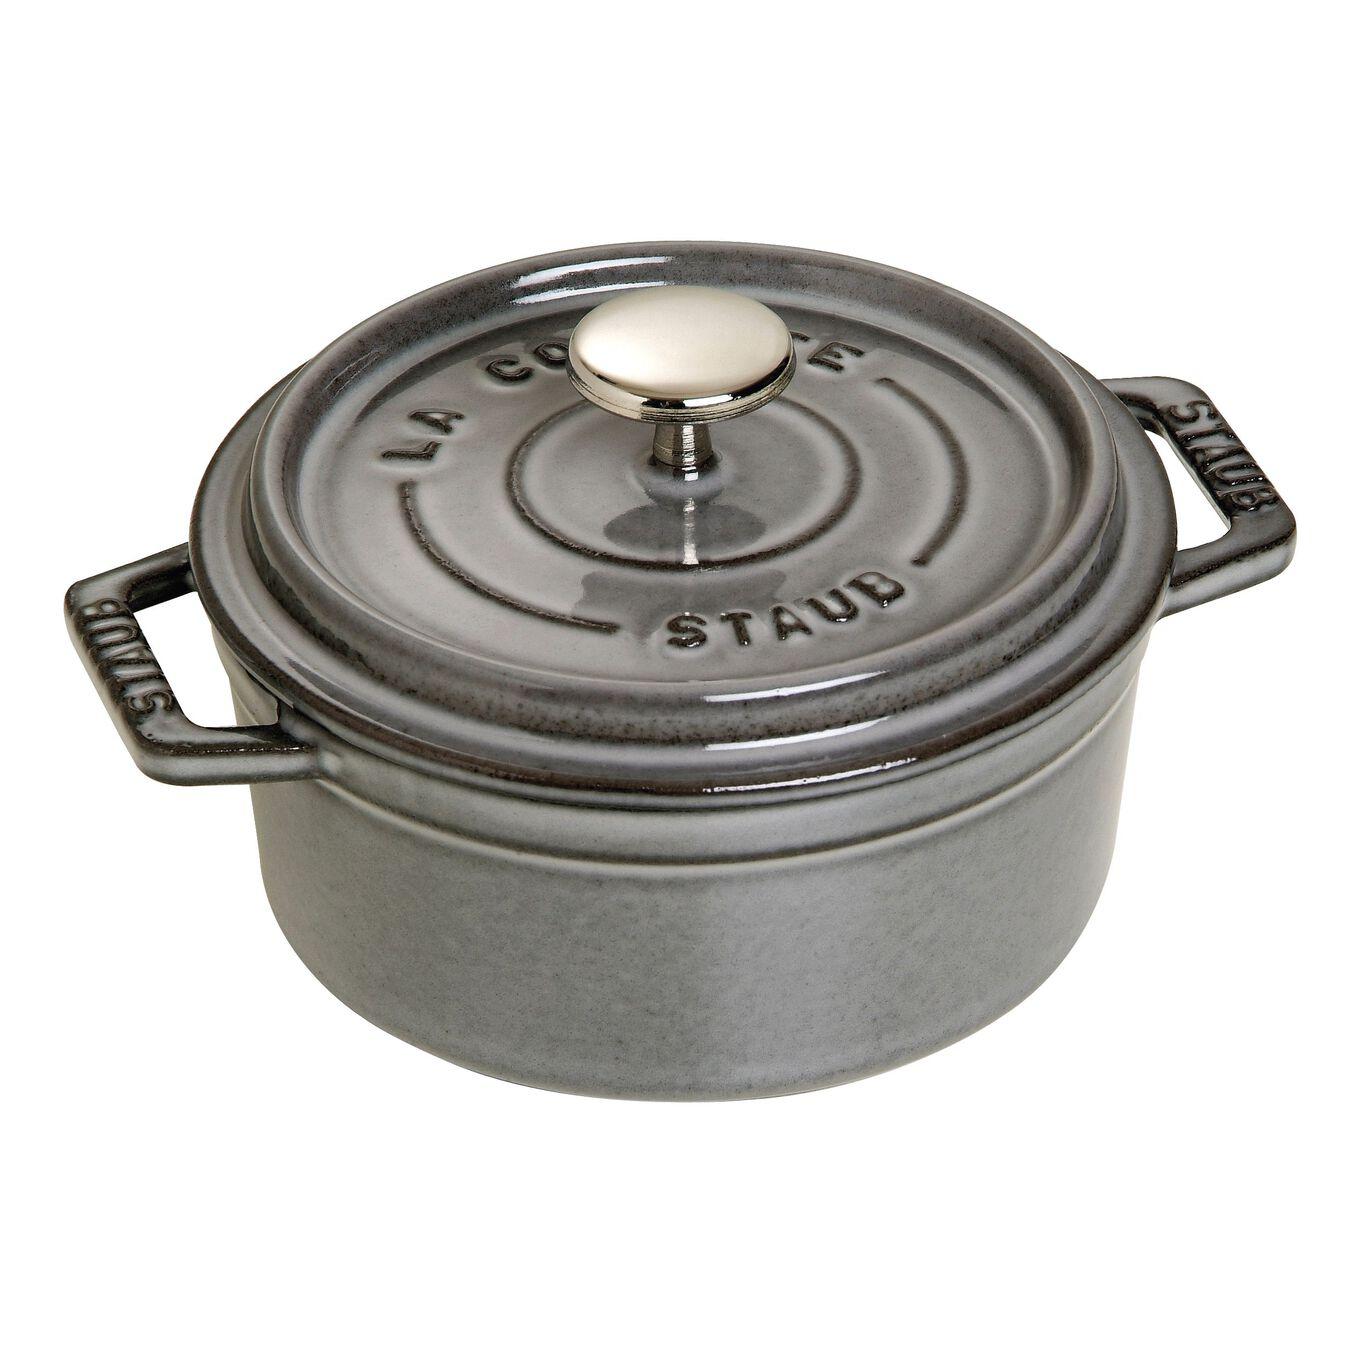 Cocotte en fonte 12 cm / 400 ml, Rond, Gris graphite,,large 1